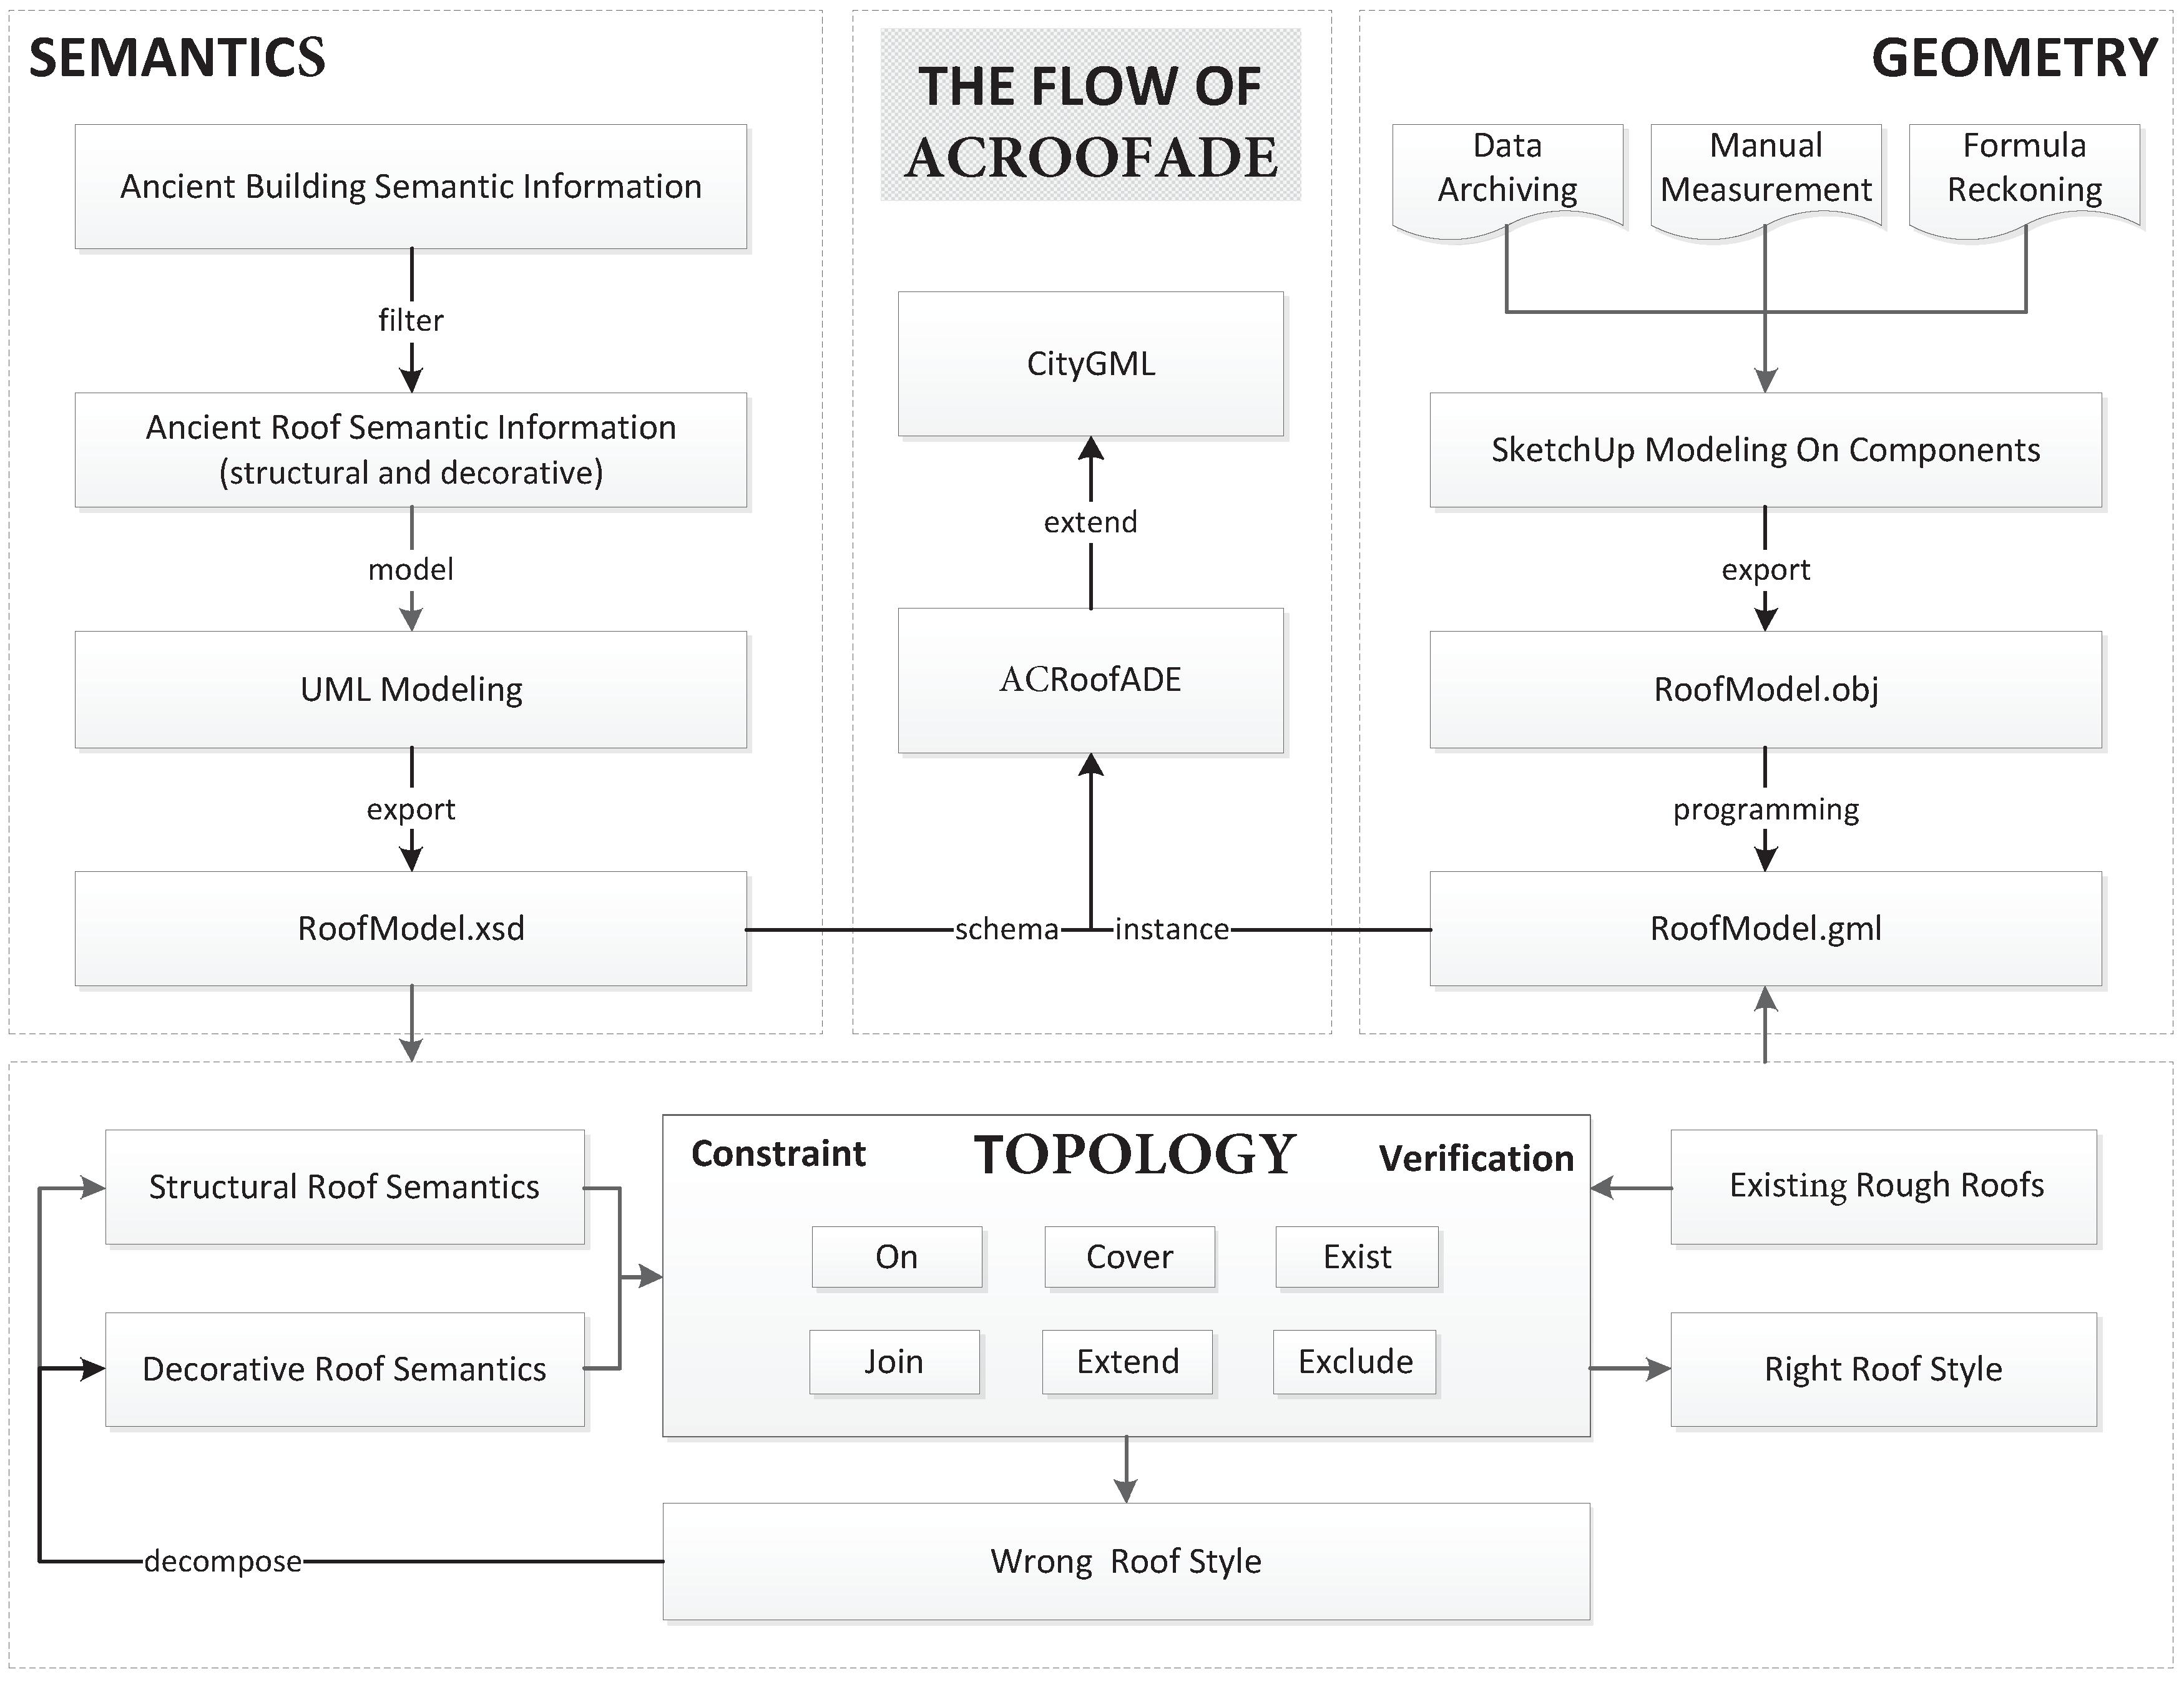 Ijgi Free Full Text Semantic 3d Modeling Based On Citygml For Logic Gate Diagram In Gorgeous Schematic 06 00132 G008